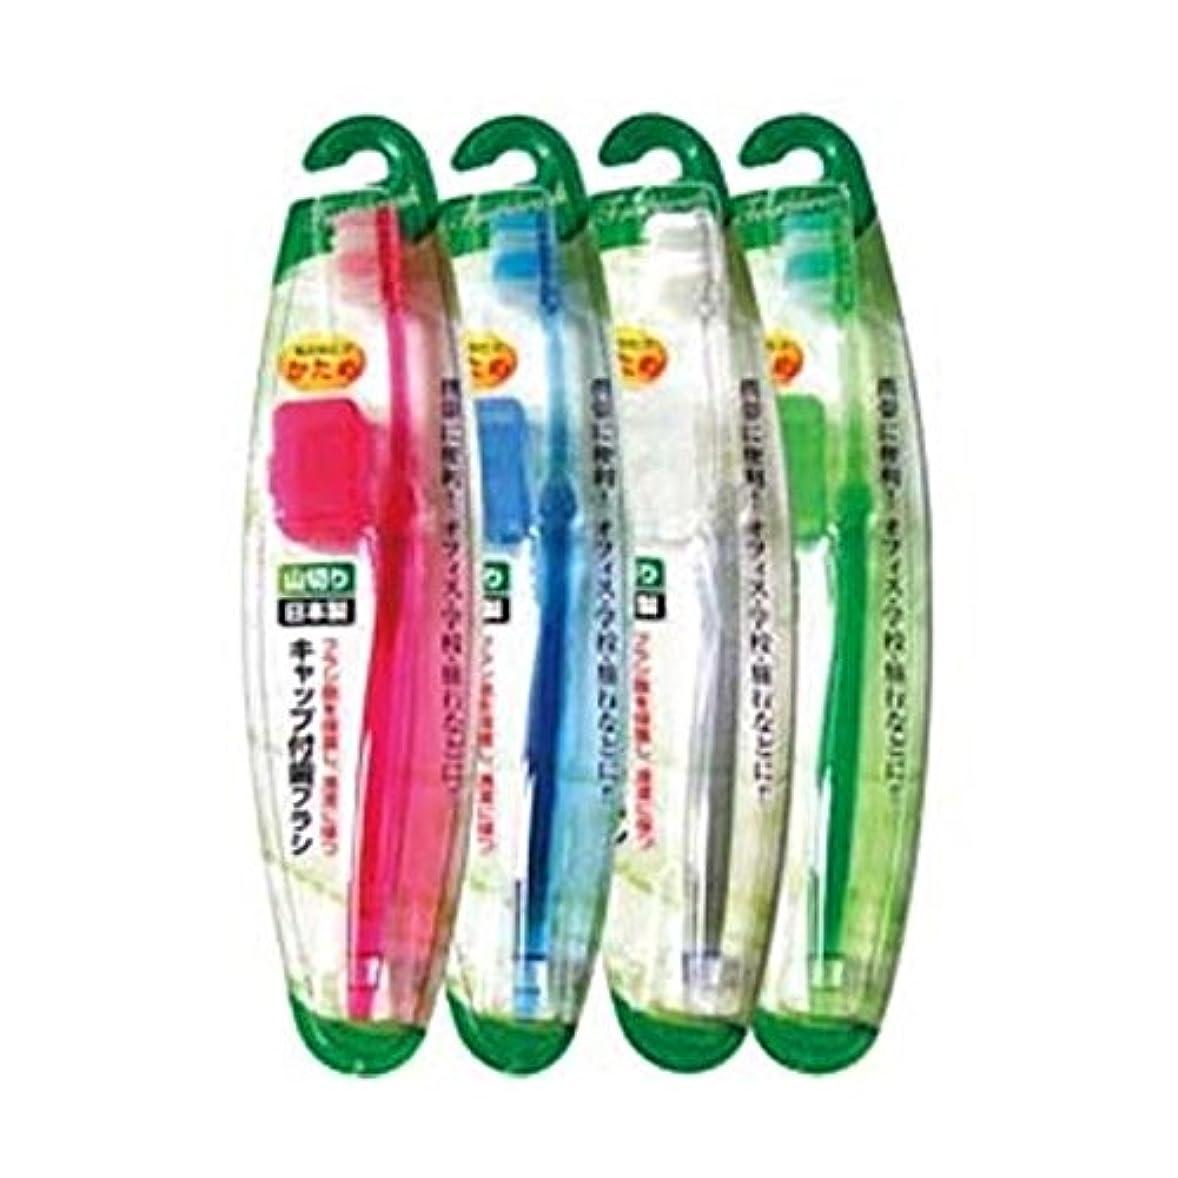 クランプオーラルシャトル健康用品 キャップ付歯ブラシ山切りカット(かため)日本製 【12個セット】 41-210